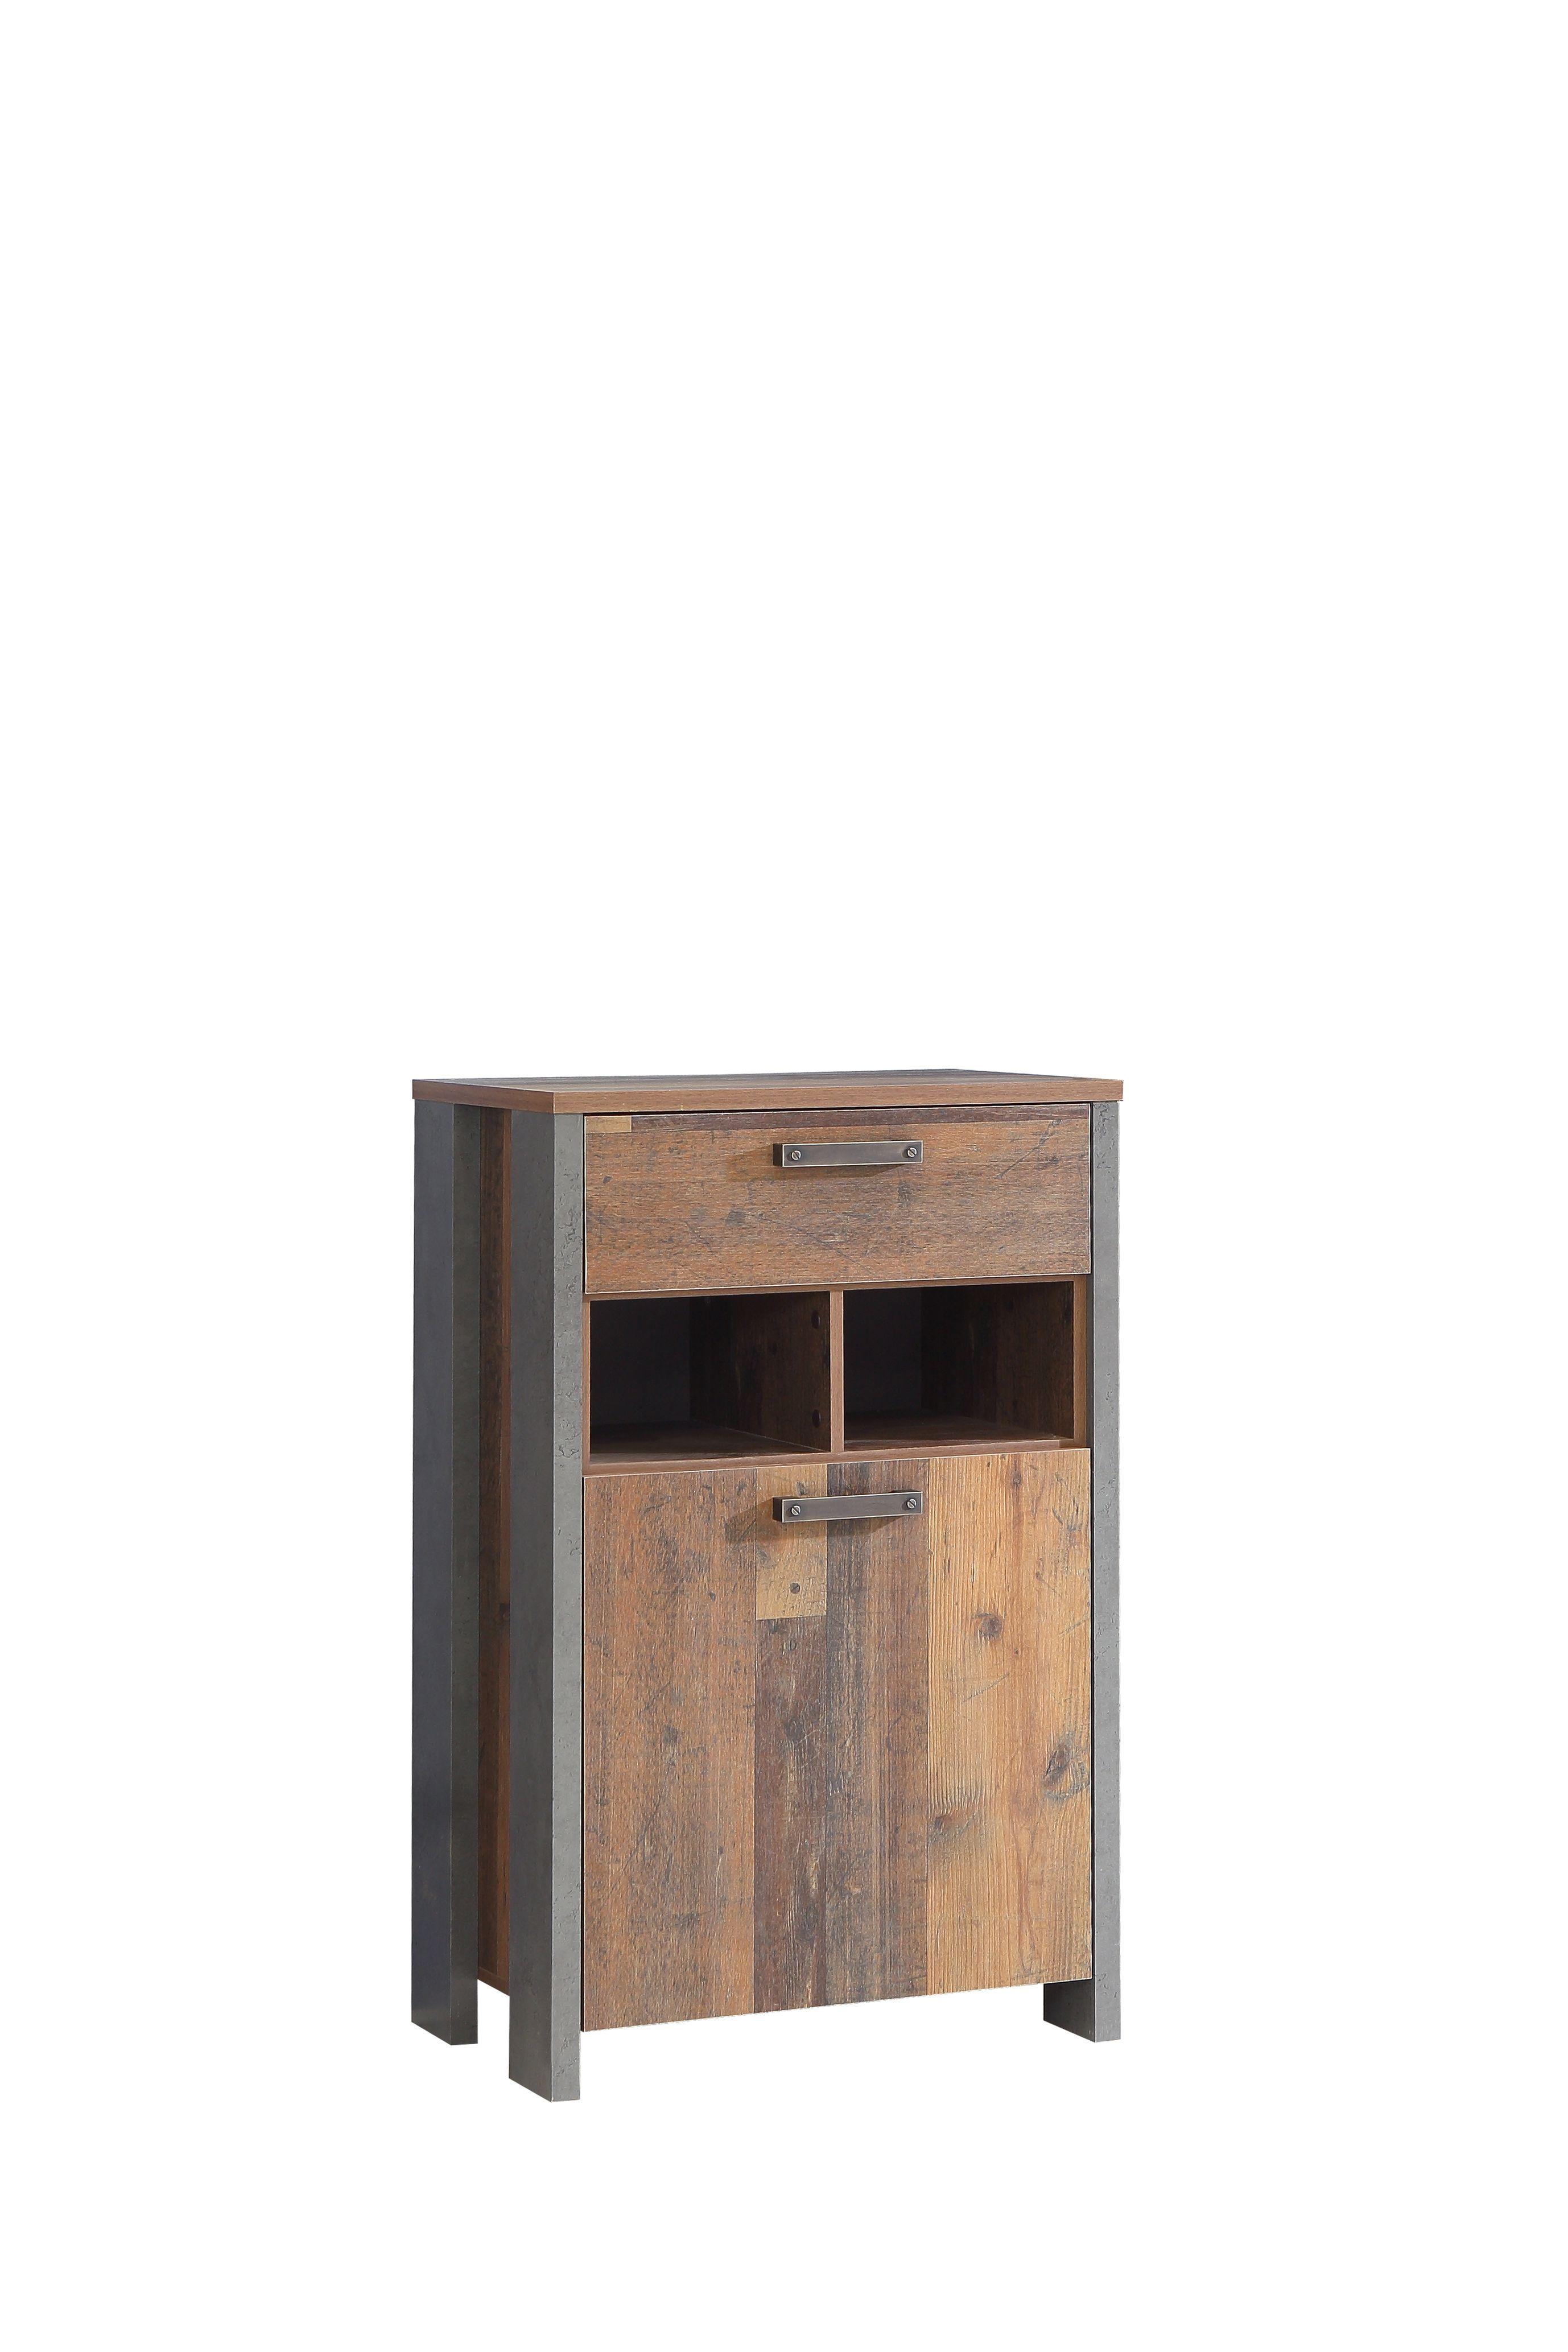 Schuhschrank clif von forte old wood vintage betonoptik for Schuhschrank betonoptik